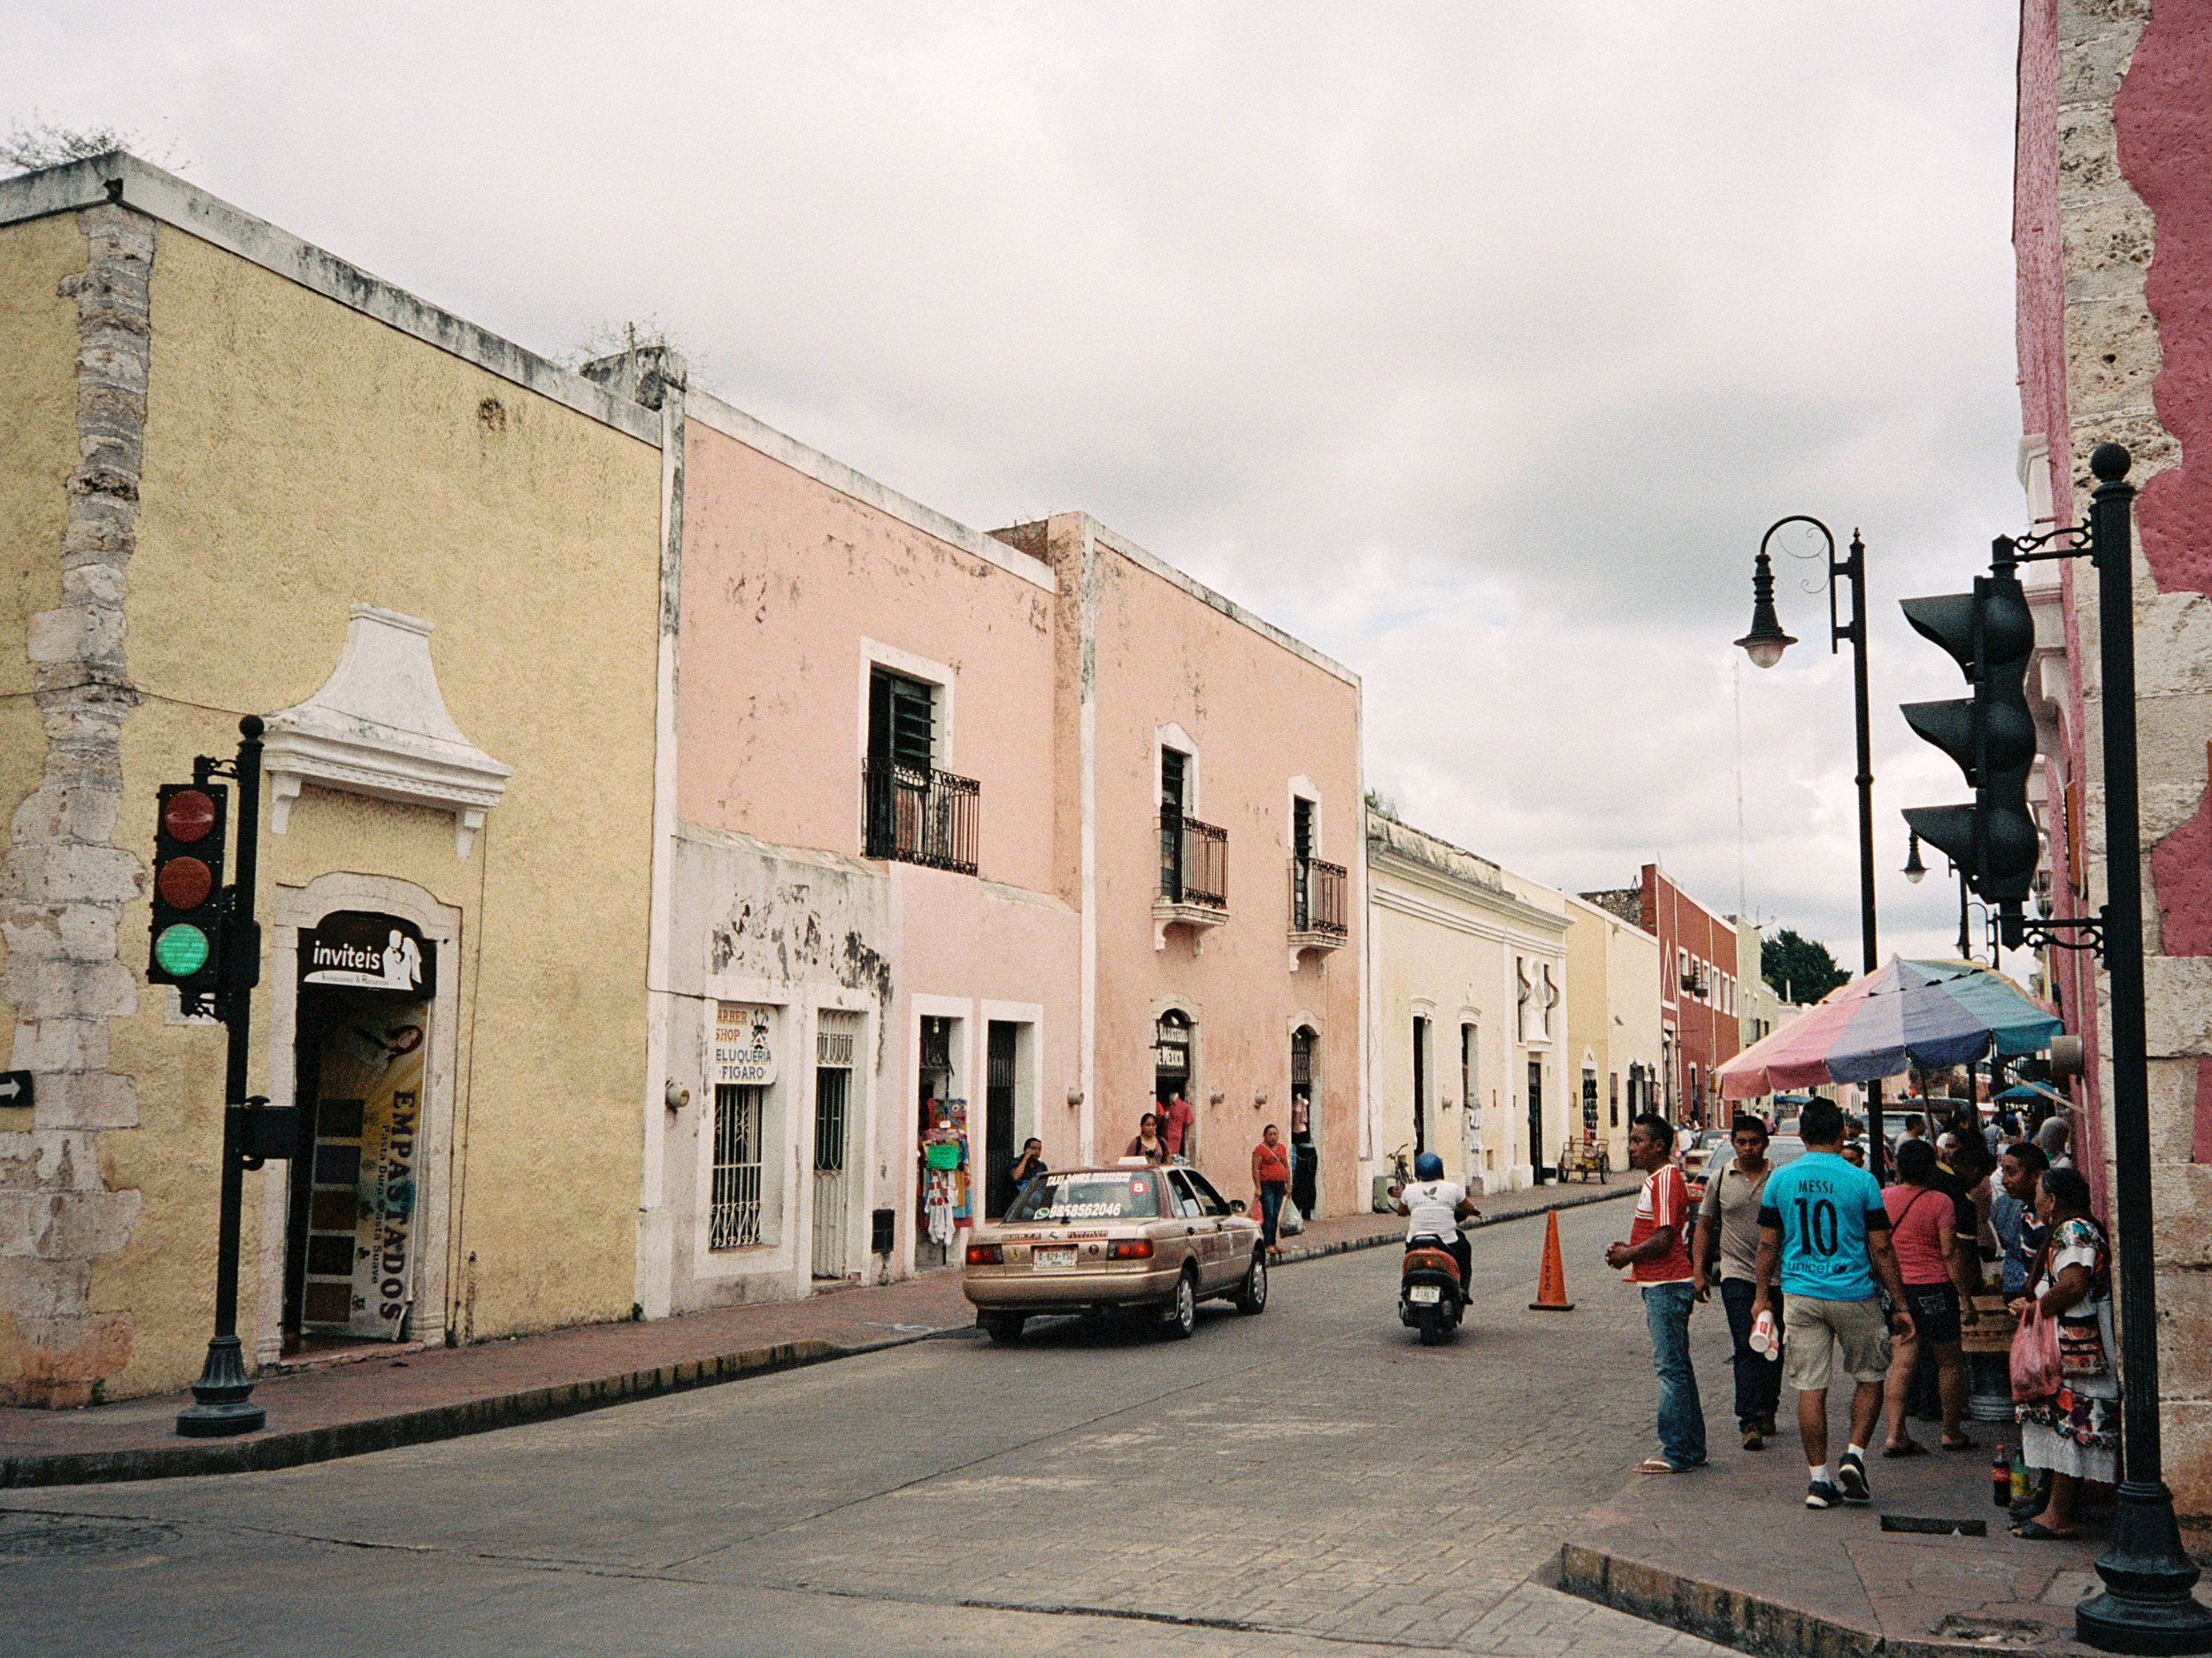 190312_MEXICO_SF_136R.jpg